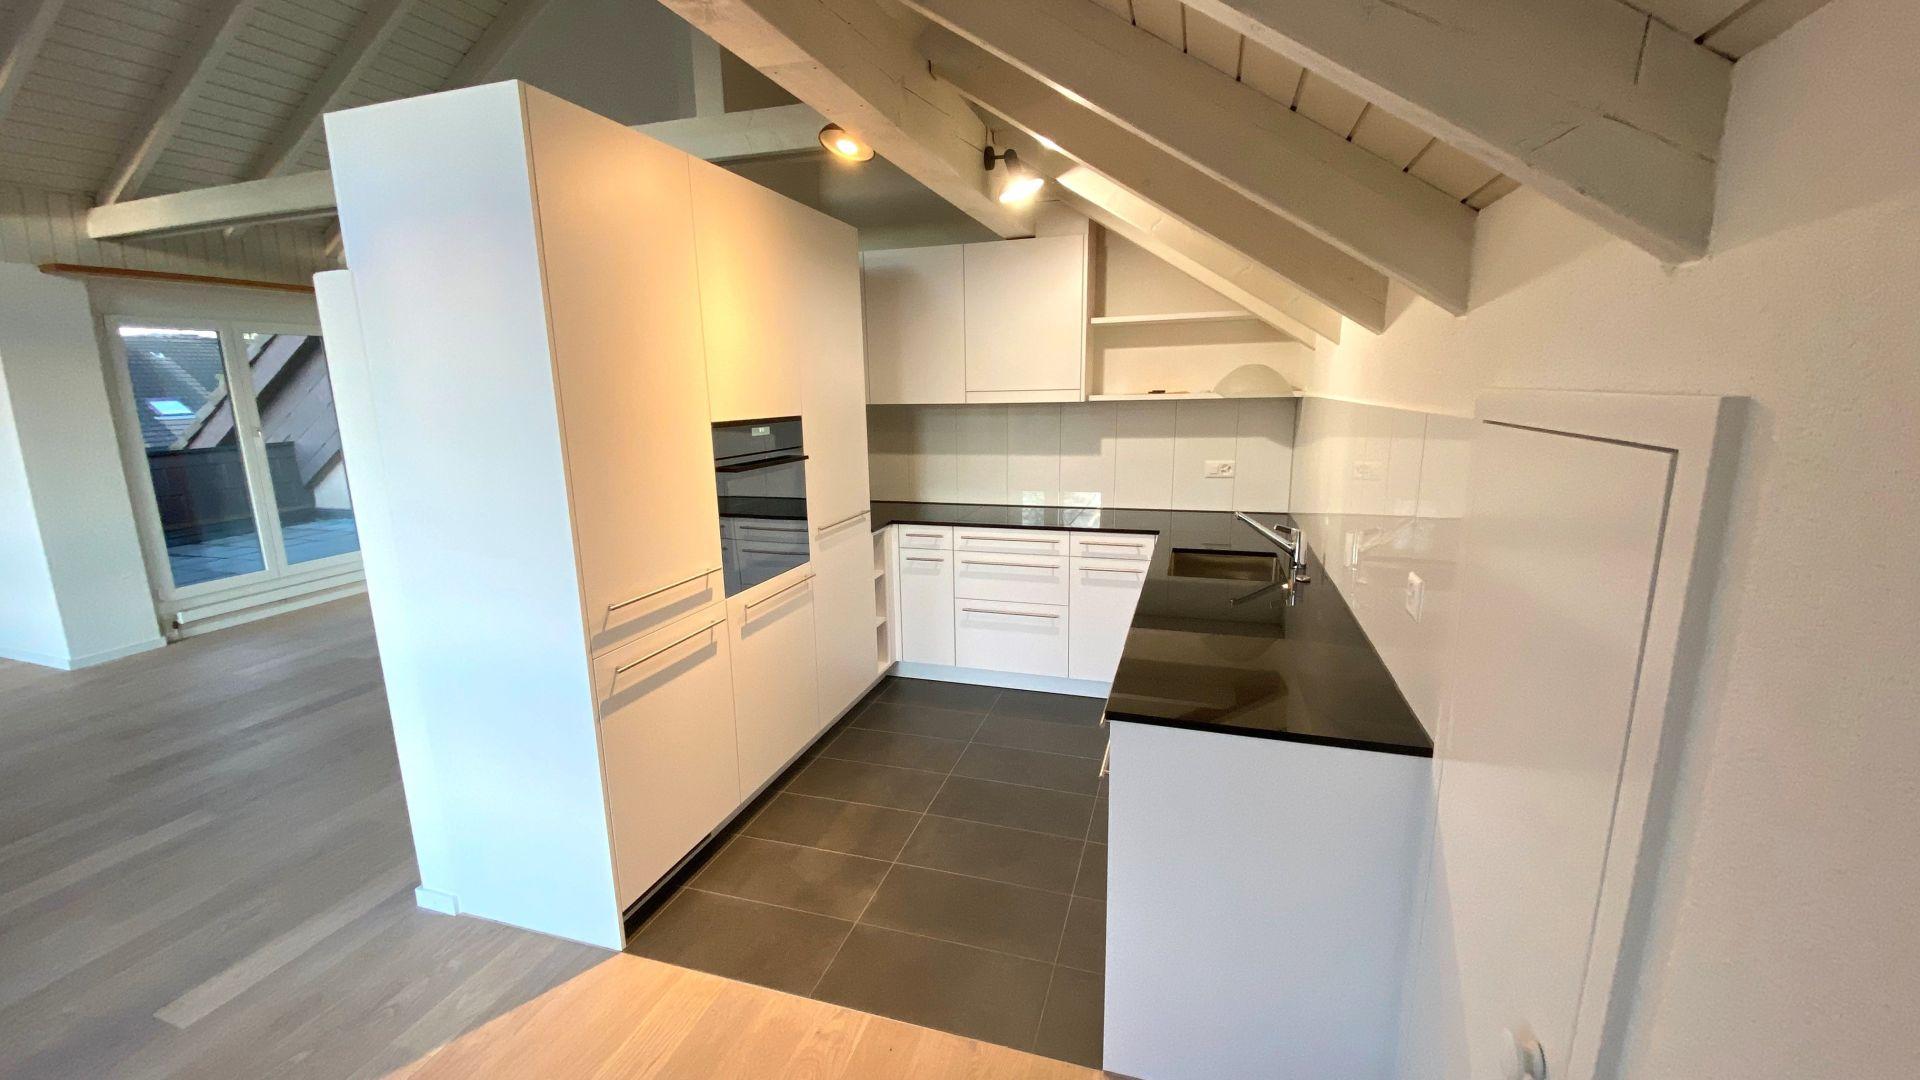 Renovierte Wohnung mit neuer Küche